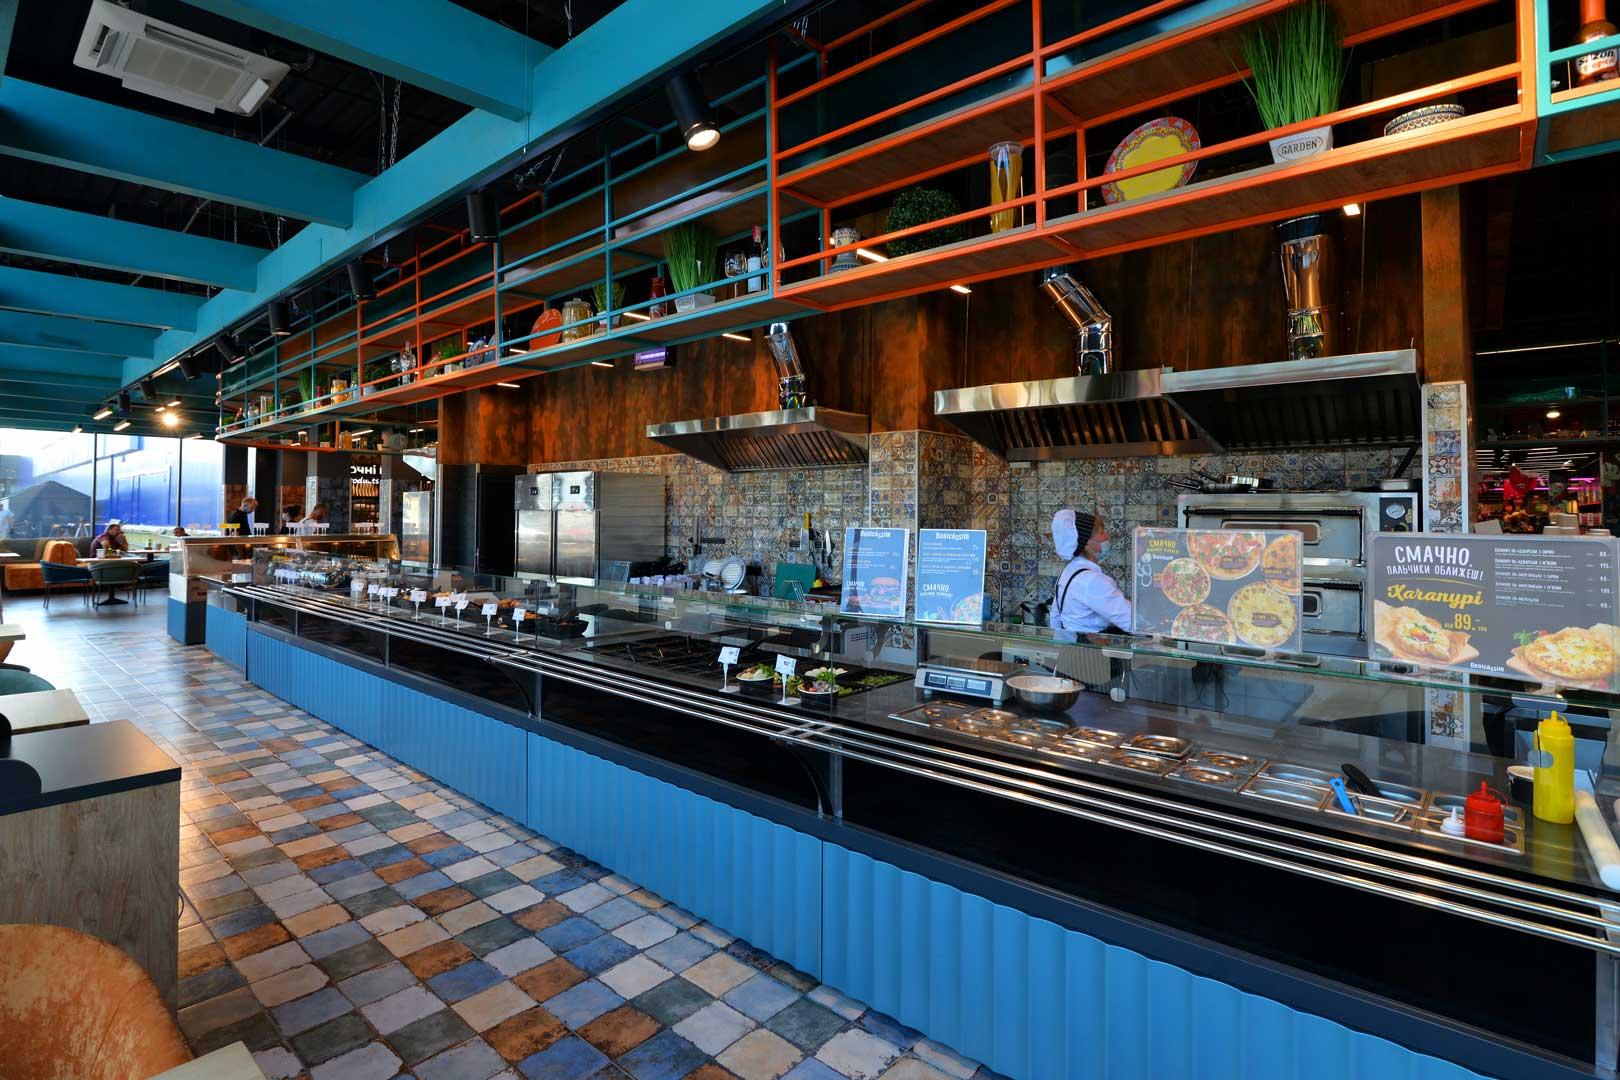 Спеціалізовані вітрини Мissouri МC 100 sushi/pizza L 130-DBM-150, Мissouri МC 100 salads L 130-DBМ-187, Missouri NС 100 FS L 130-187